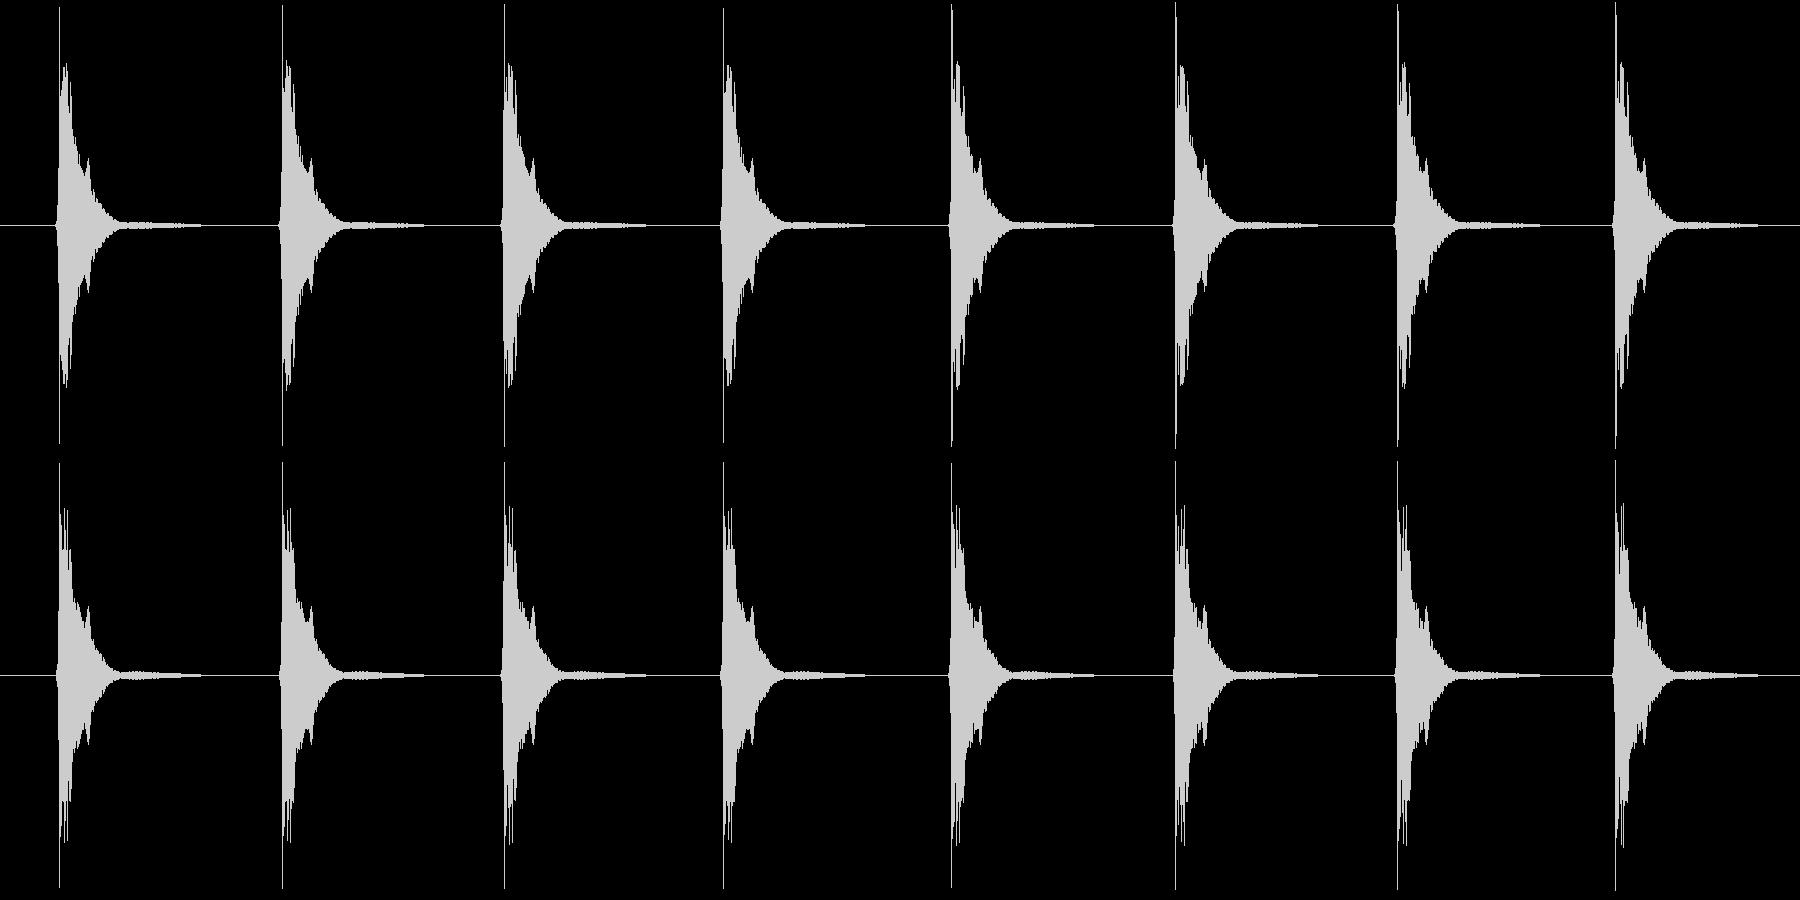 刀鍛冶 ハンマーの未再生の波形